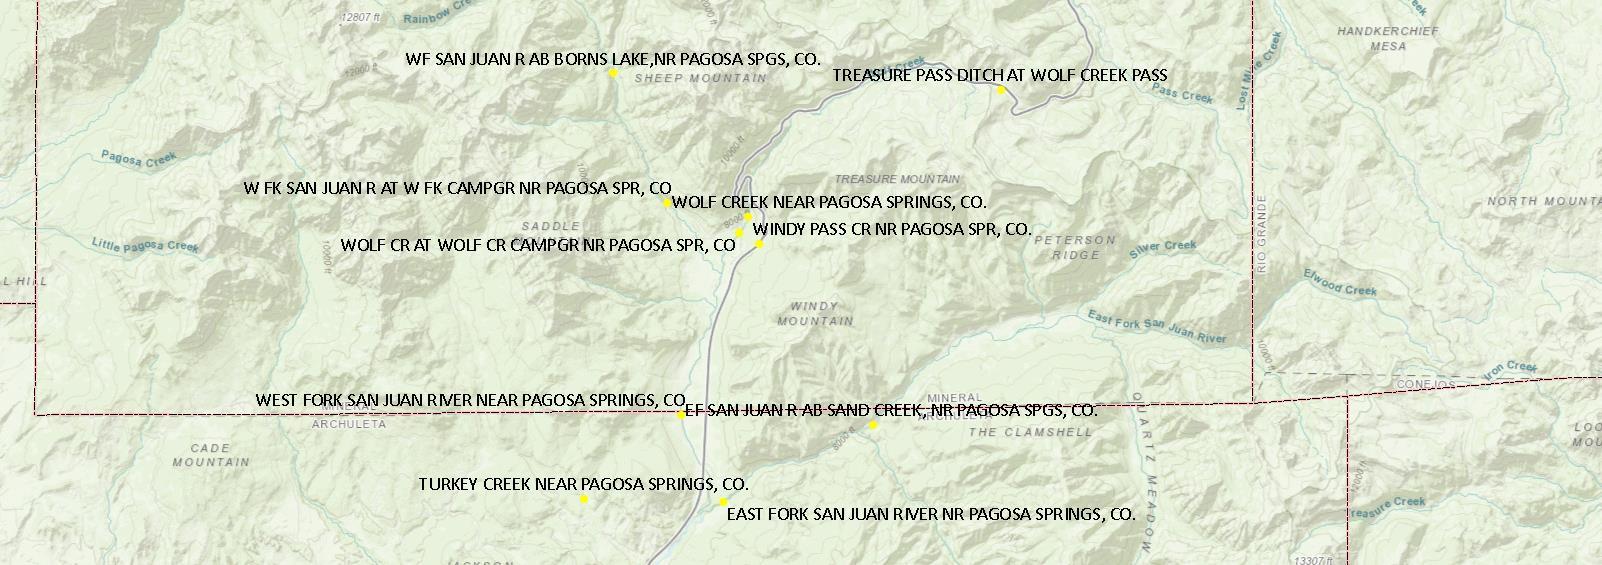 Upper San Juan Gauges